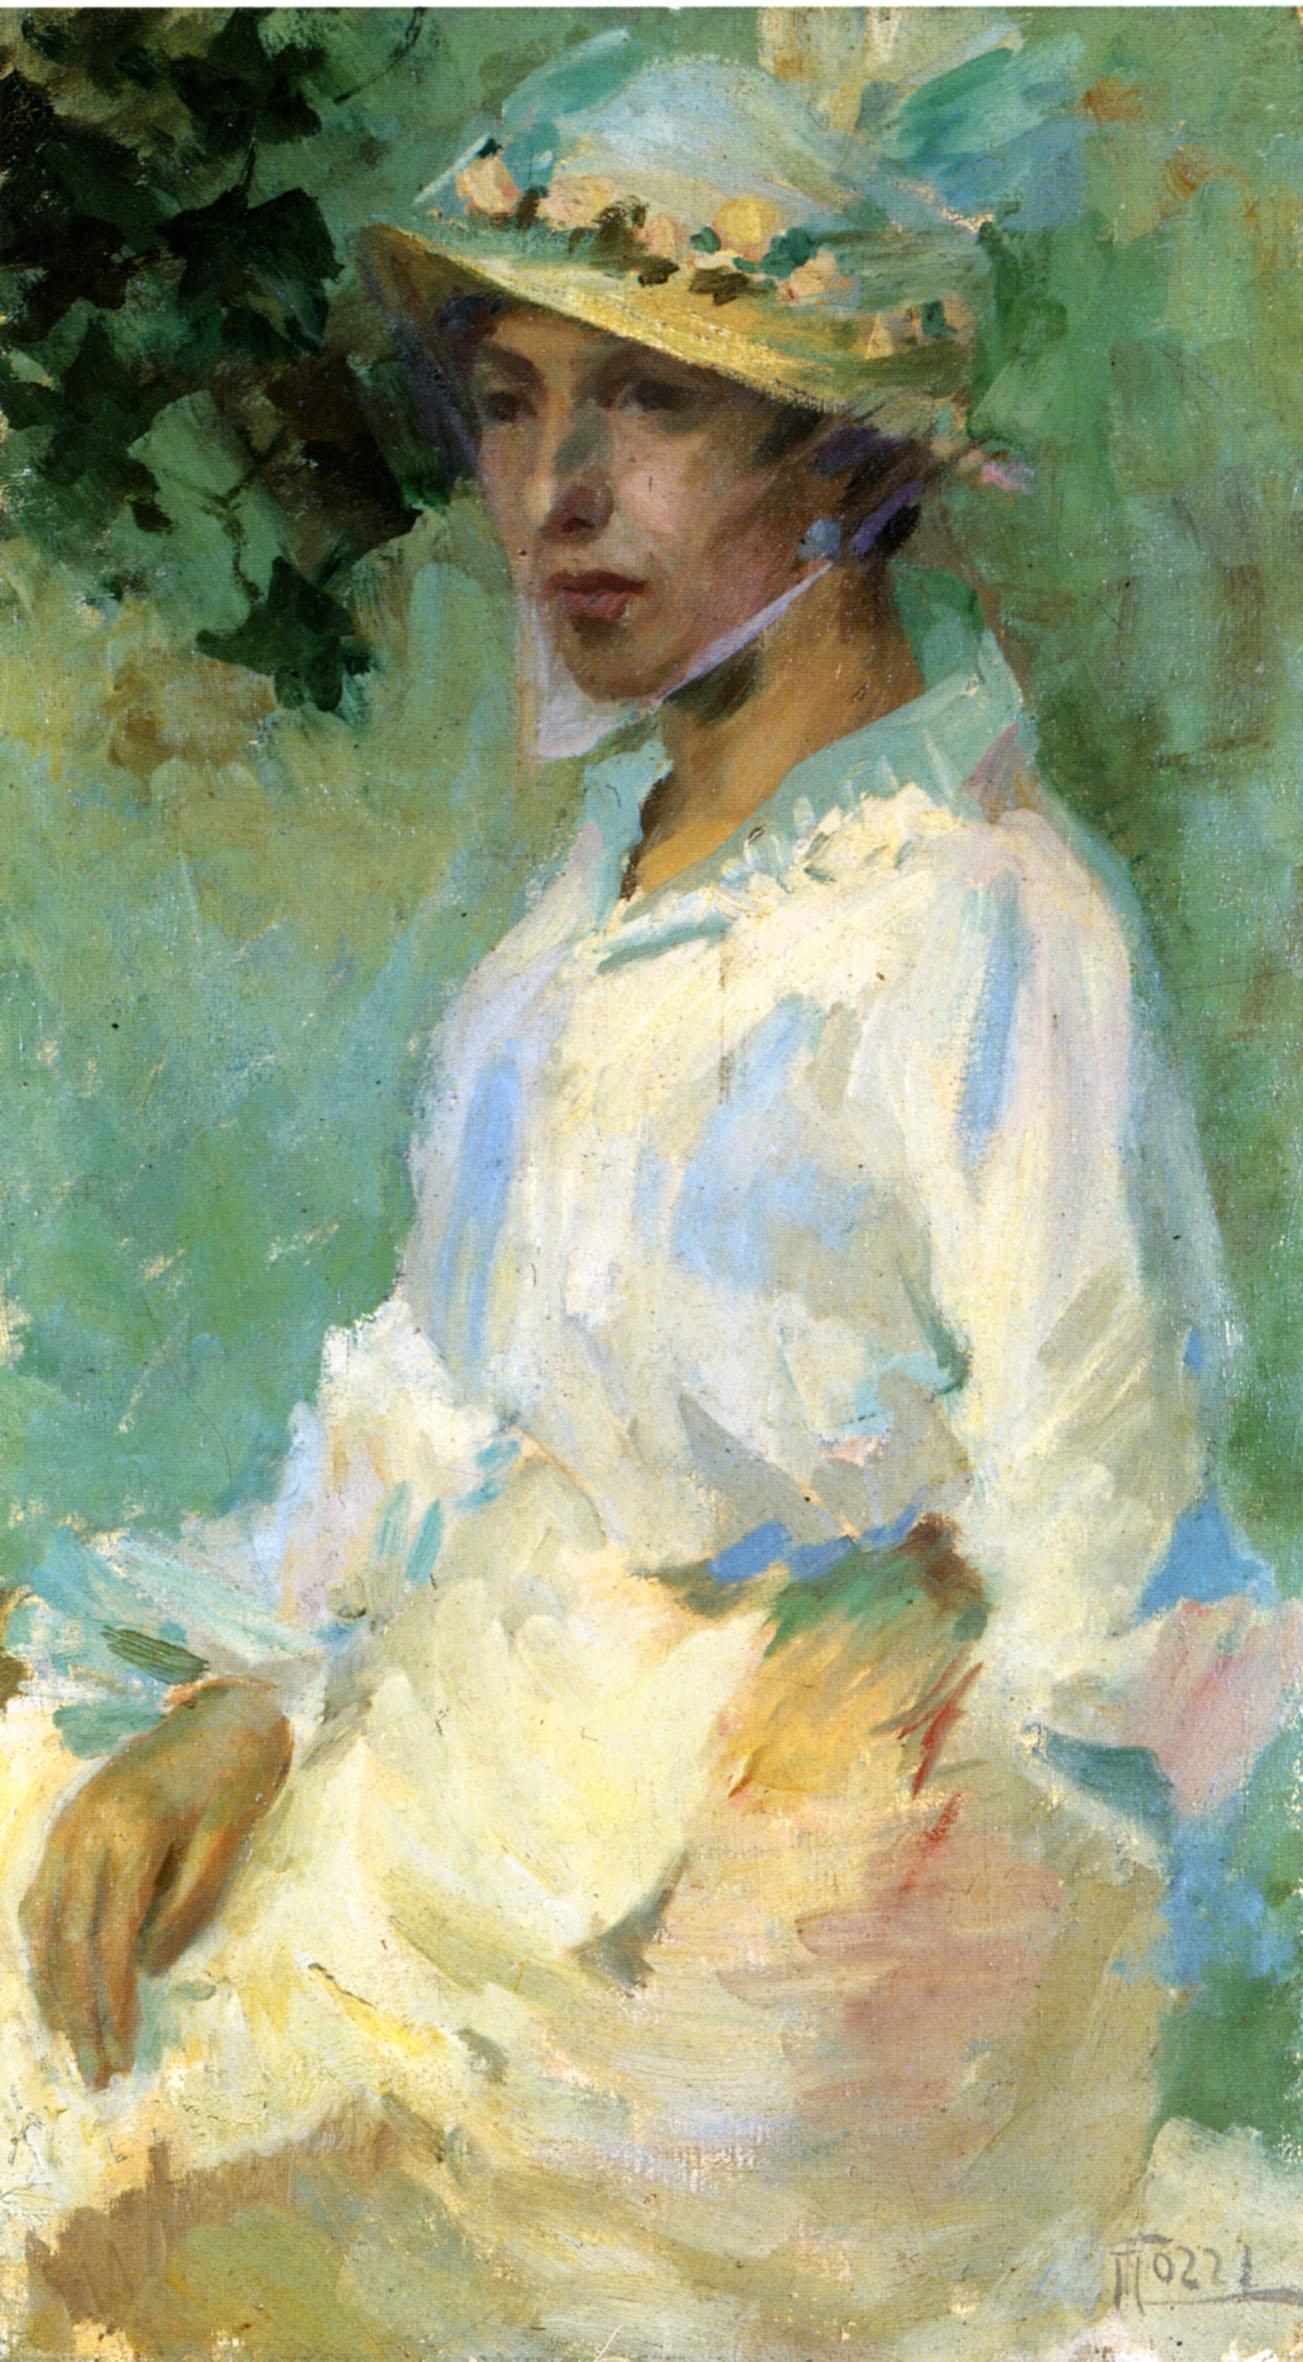 Mario Tozzi, Ritratto della madre, 1915